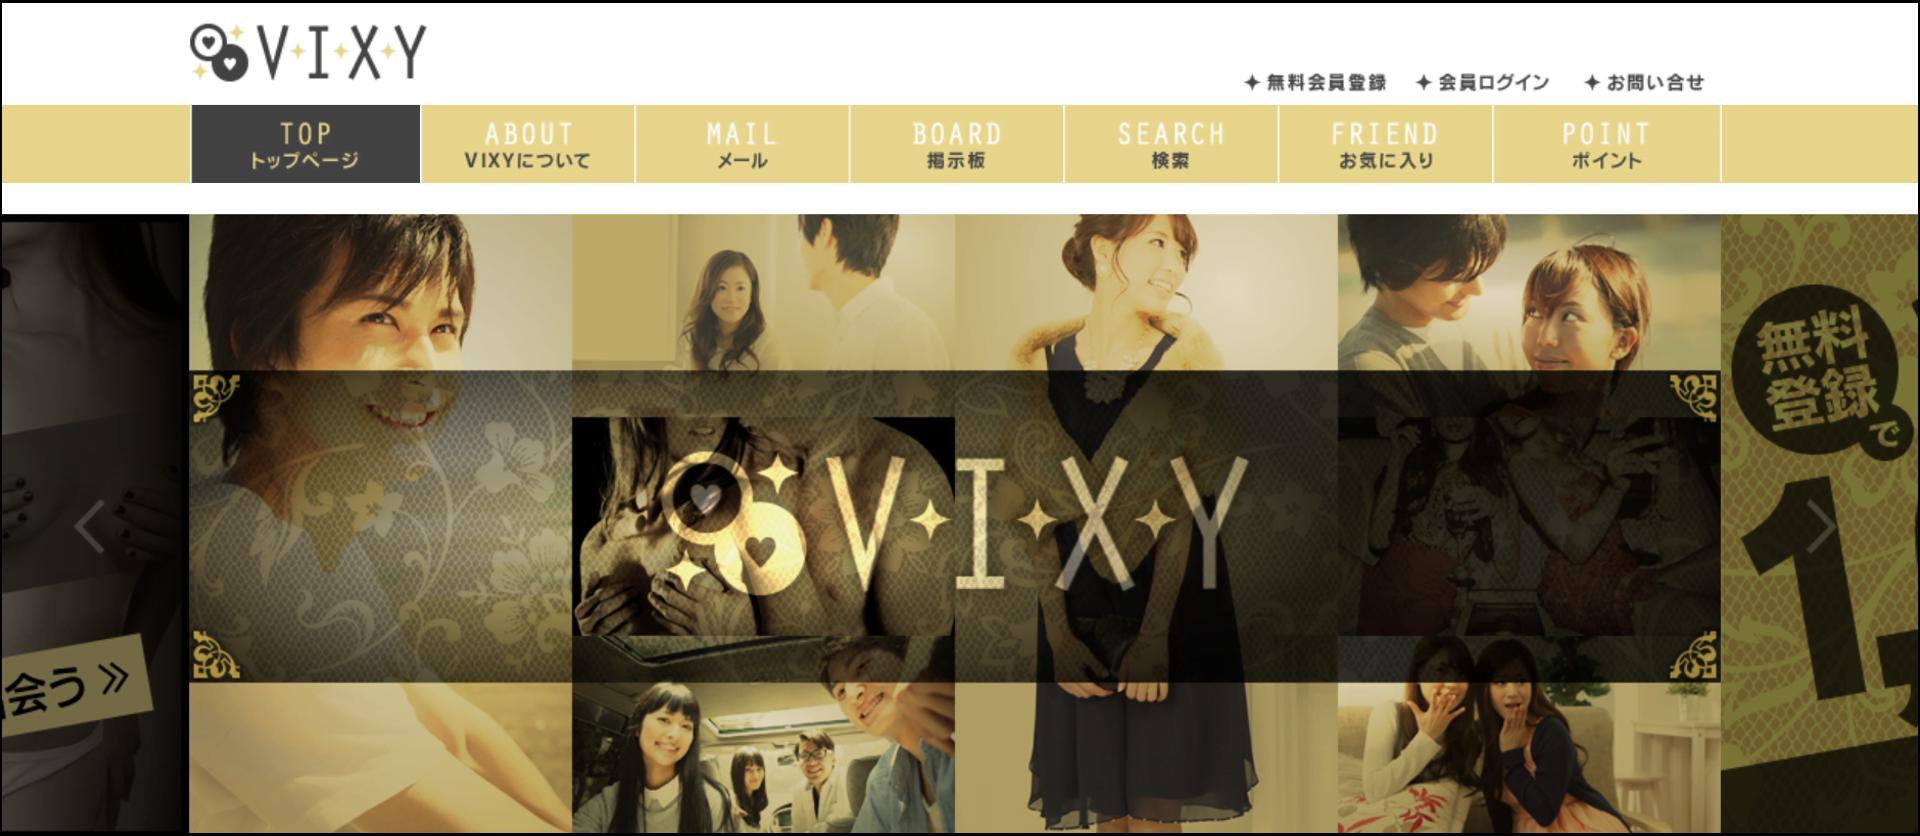 VIXY(ヴィクシー)のPC画面